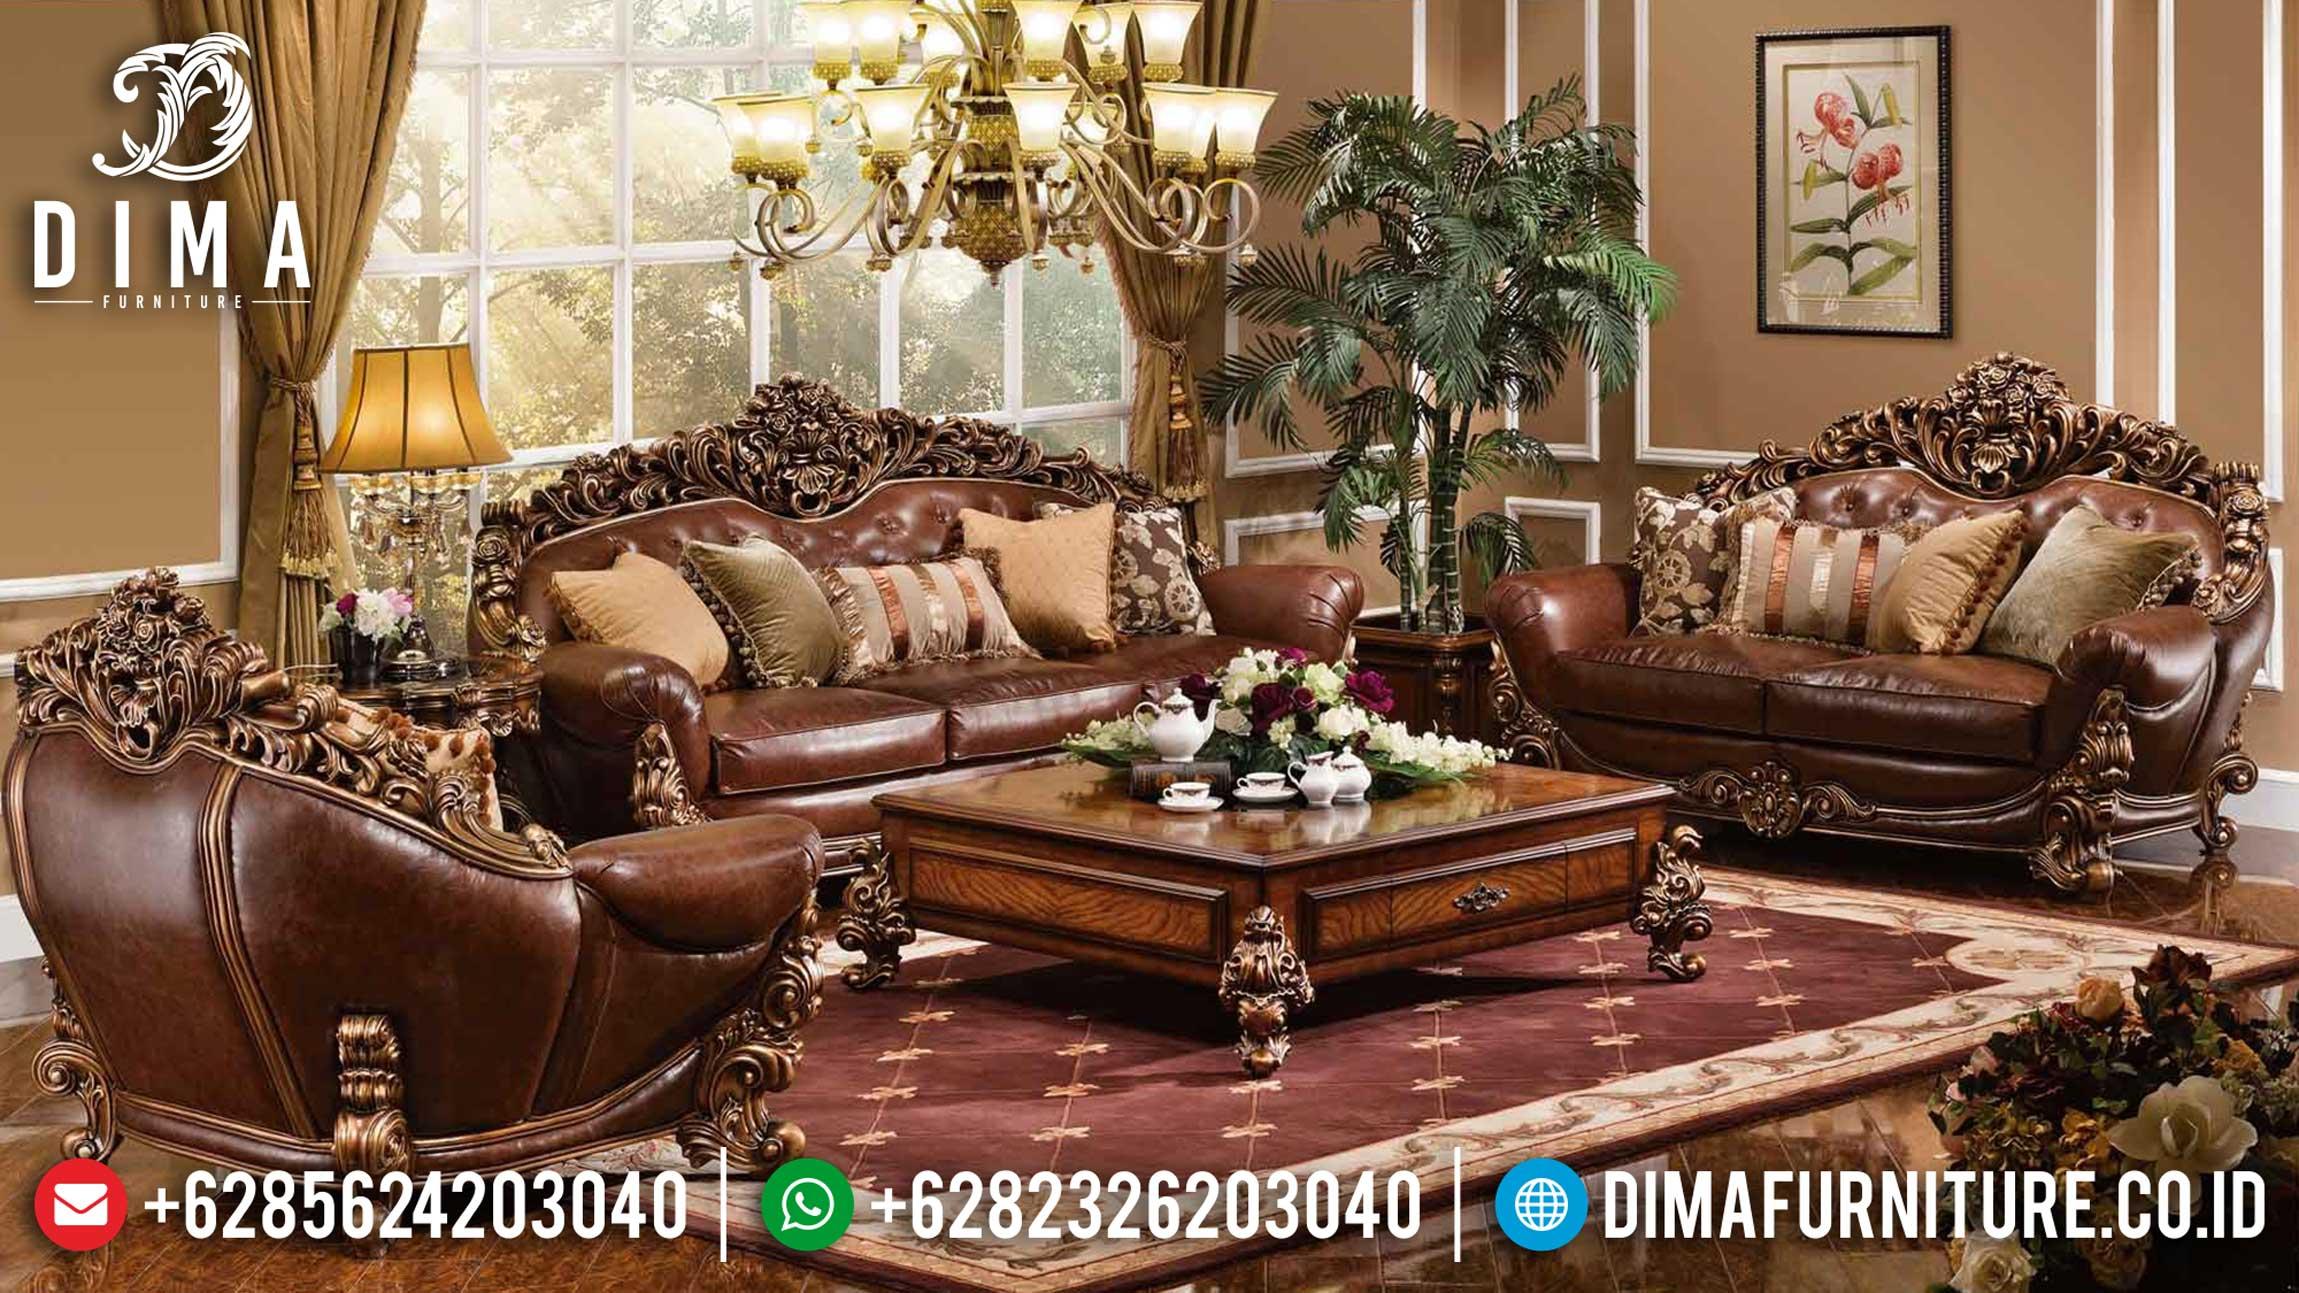 New Kursi Sofa Tamu Mewah Luxury Royal Classic Natural Jati Perhutani Jepara TTJ-1237